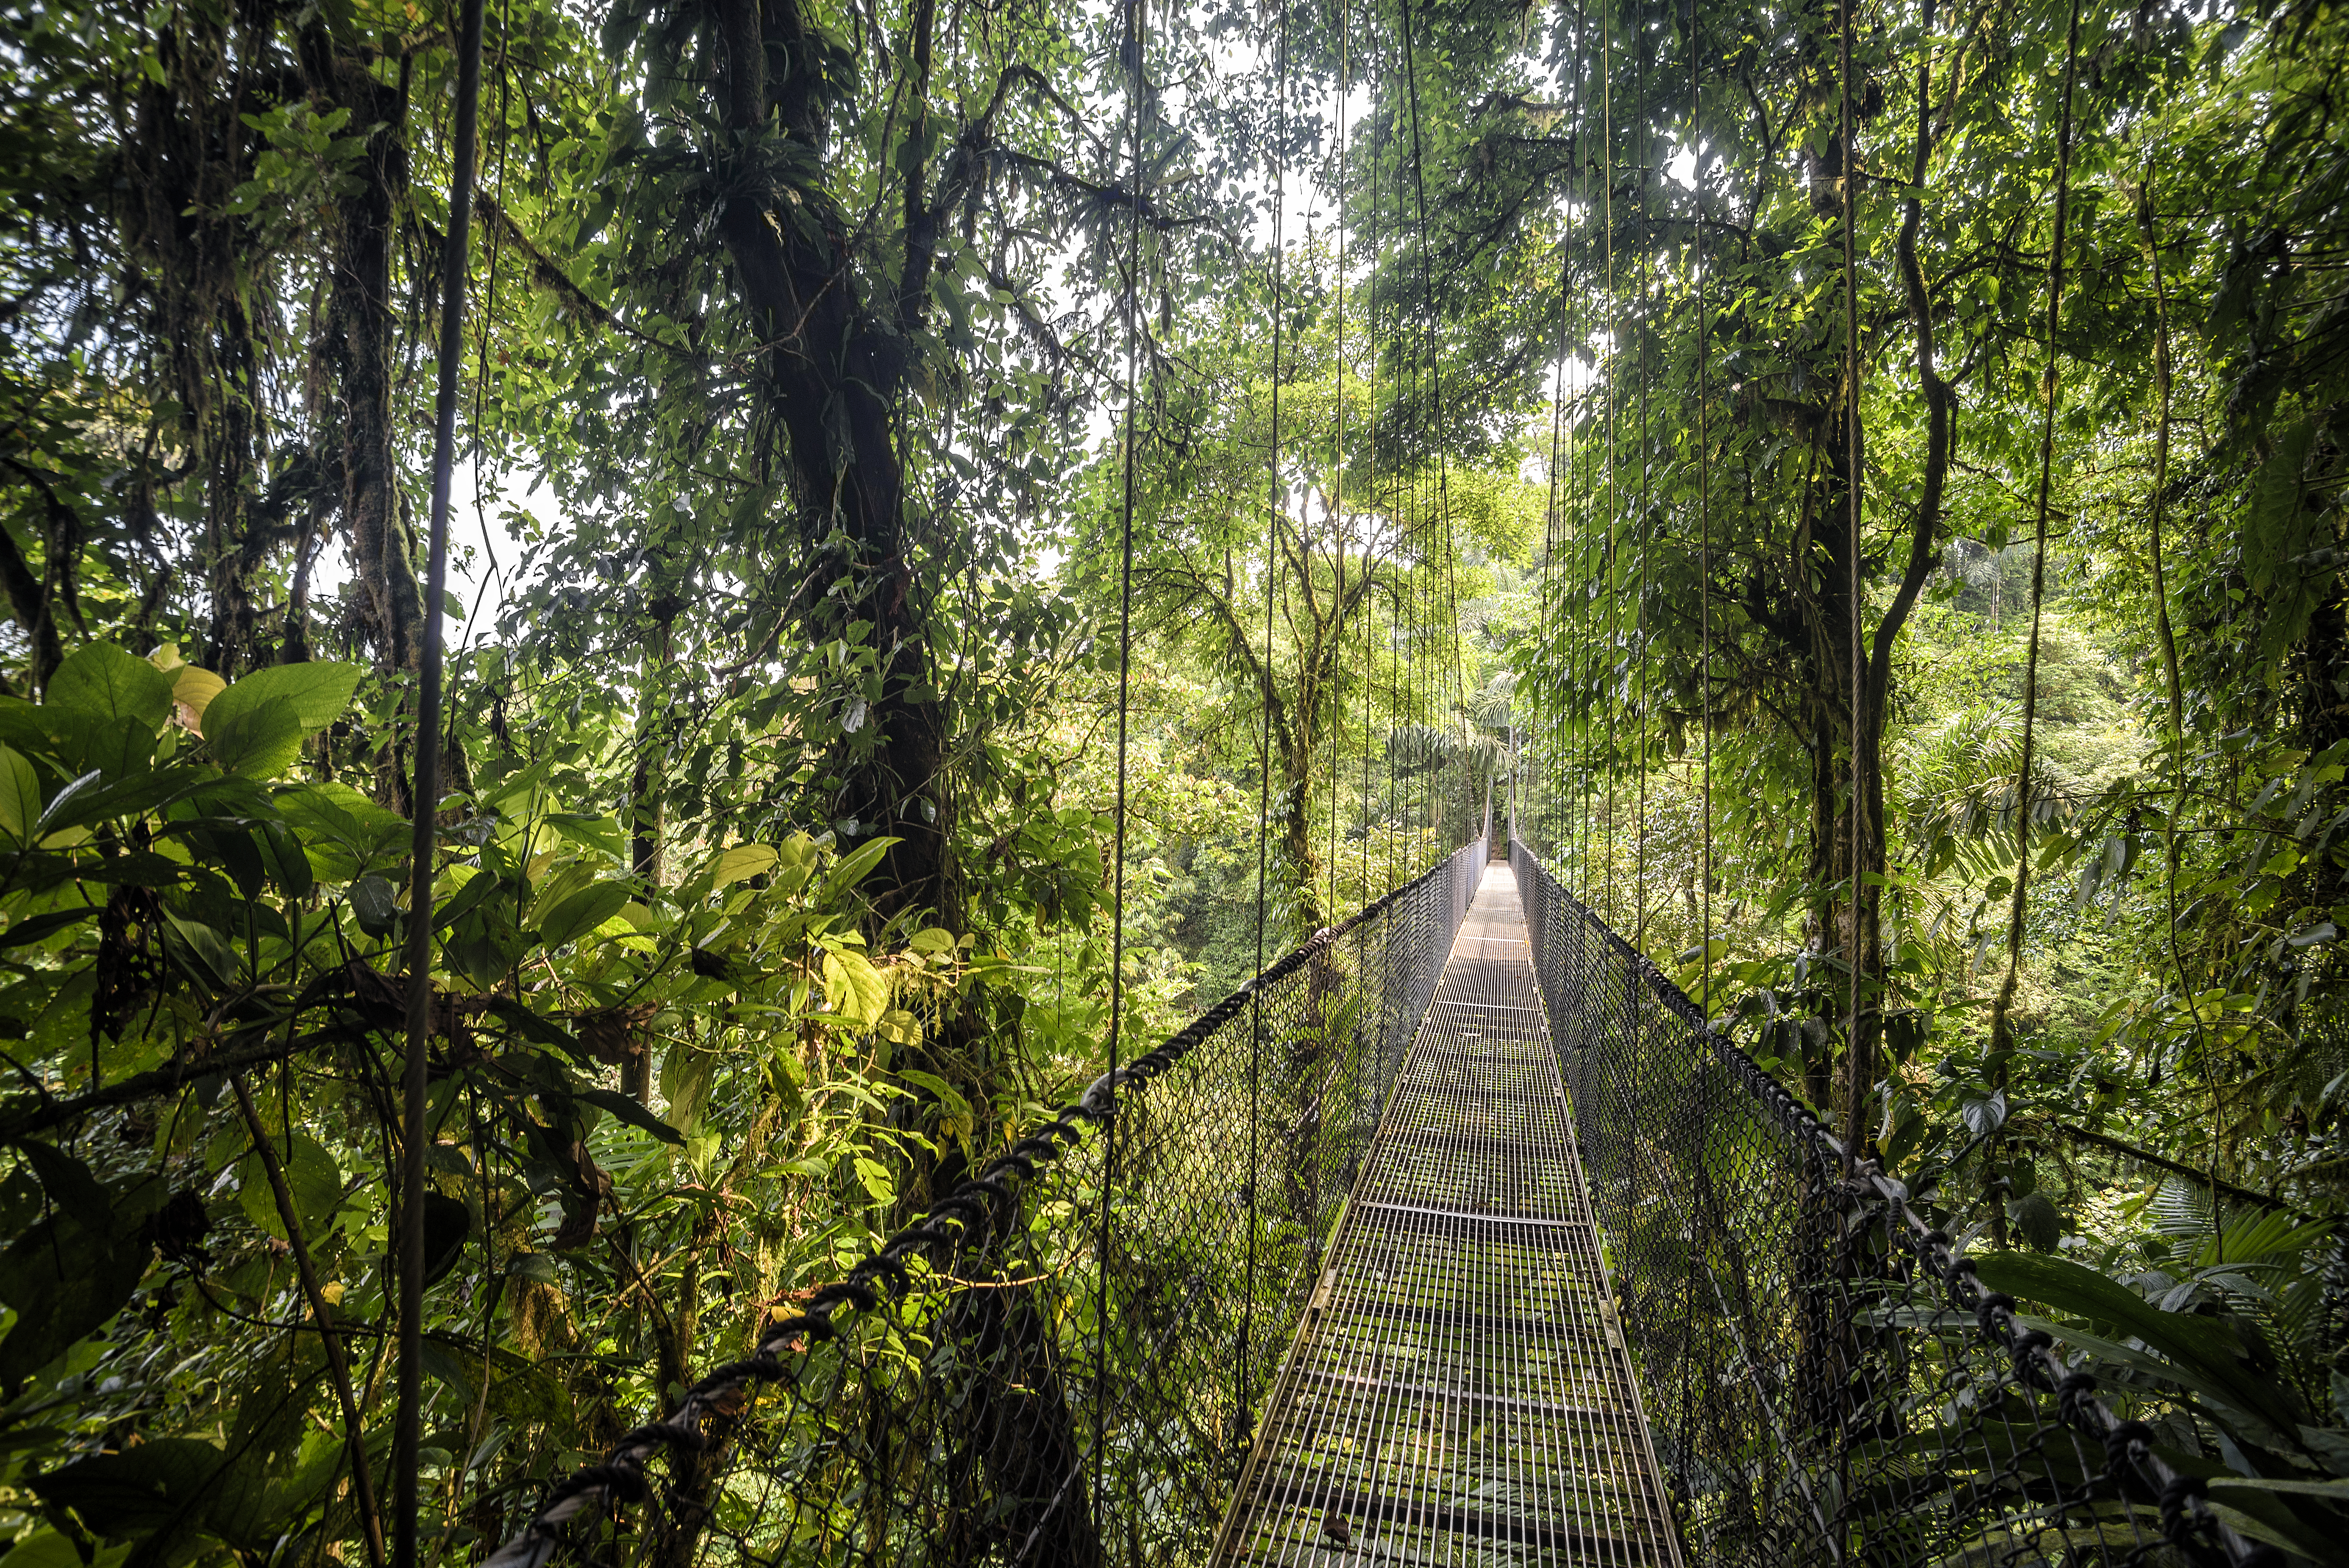 El paseo más emocionante por los Puentes Colgantes del Arenal - Costa Rica Gran Viaje Costa Rica Express con Manuel Antonio